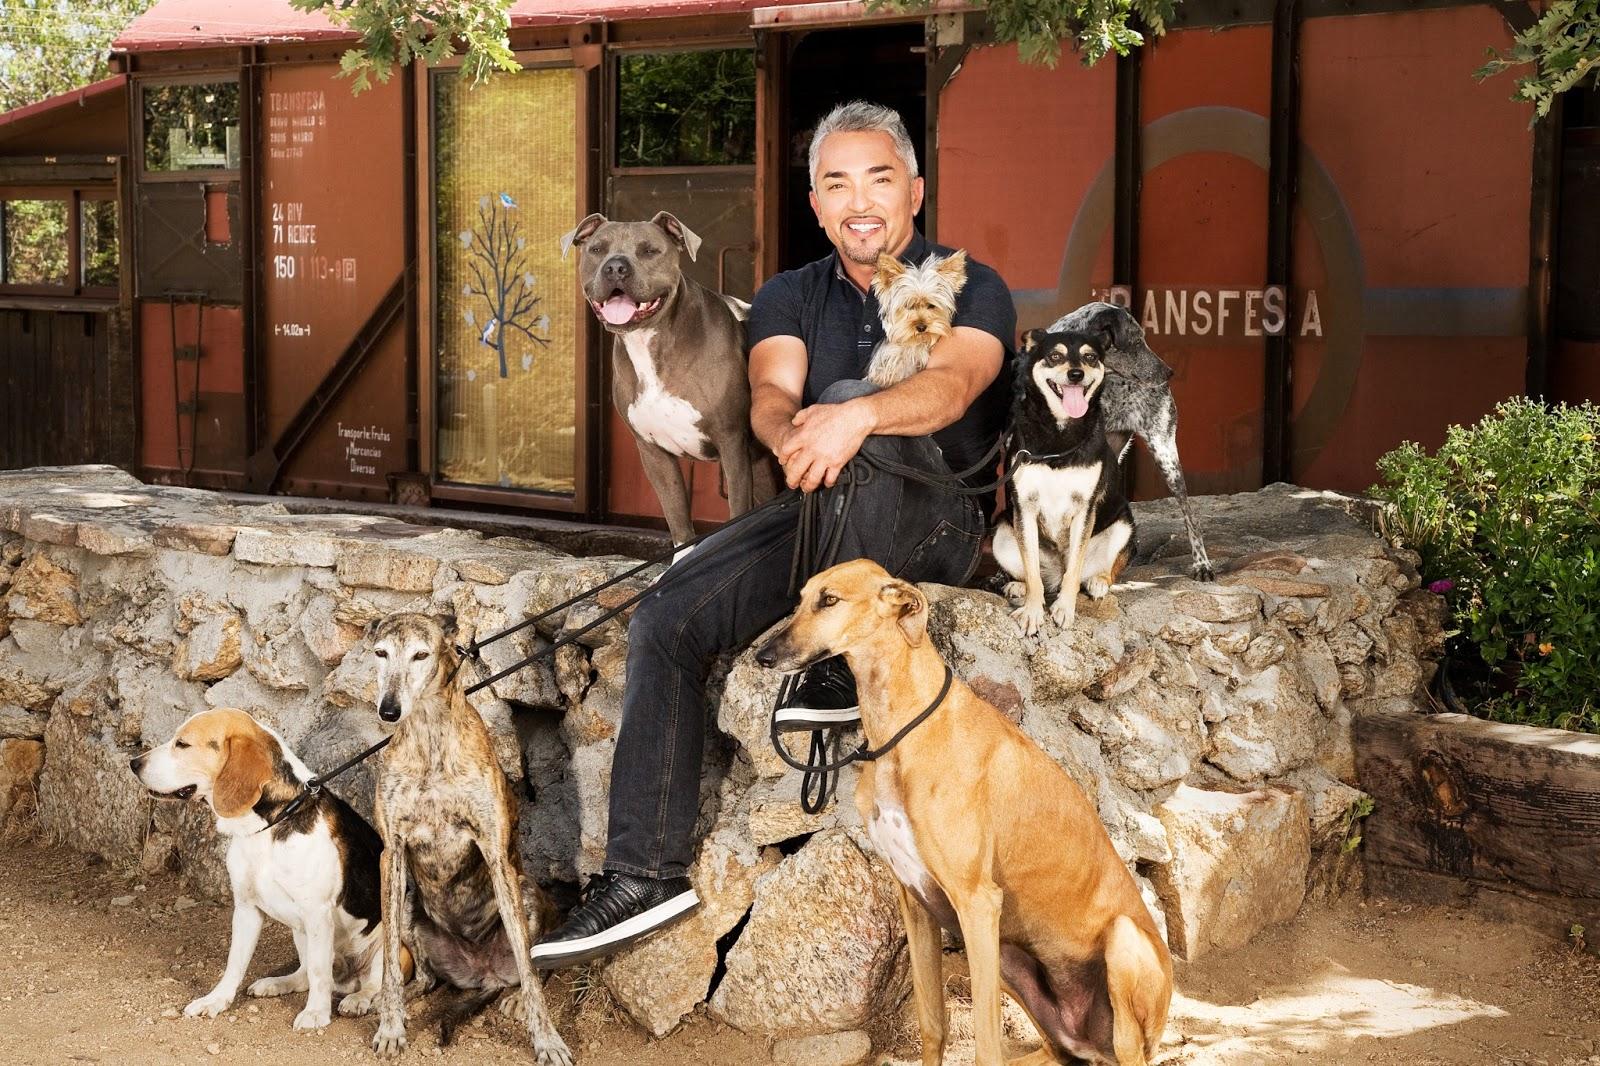 Cesar Millan, hundehvisker, hundeekspert, canal digital, national geographic, hunde, dog, opdragelse, dyr